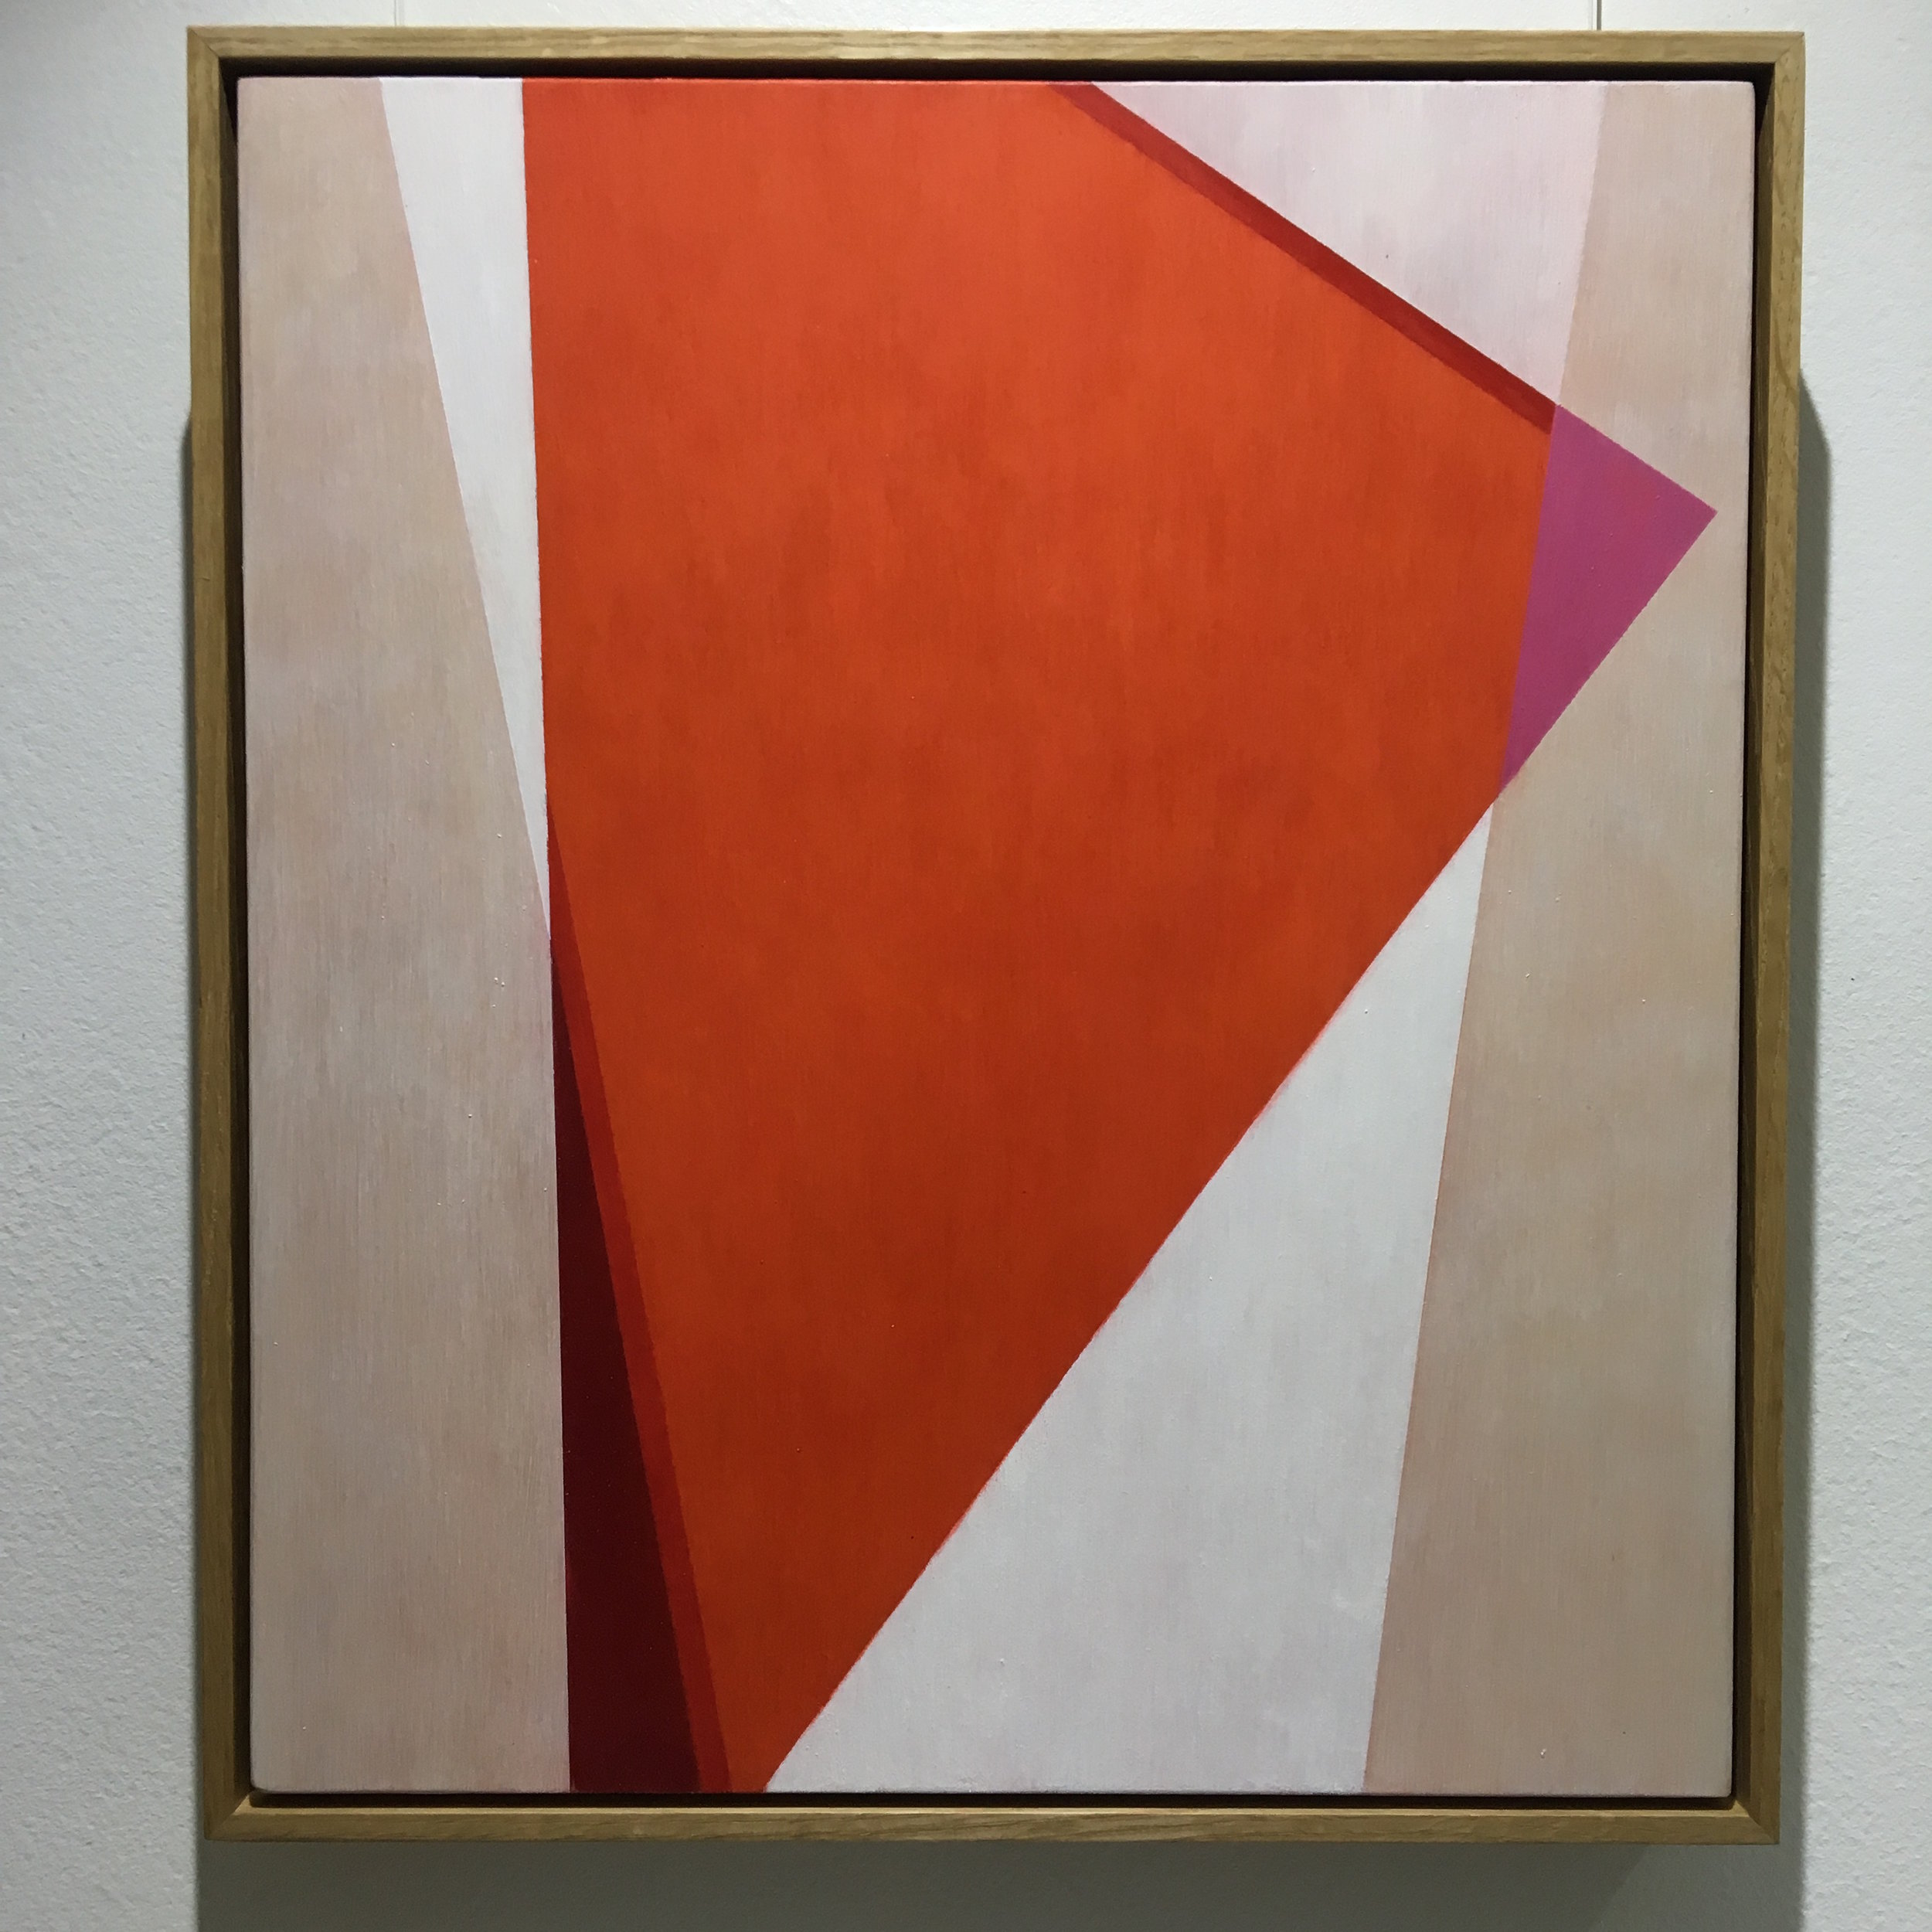 Celia Gullett, Geometric Abstraction XXI, 2017, oil on panel.